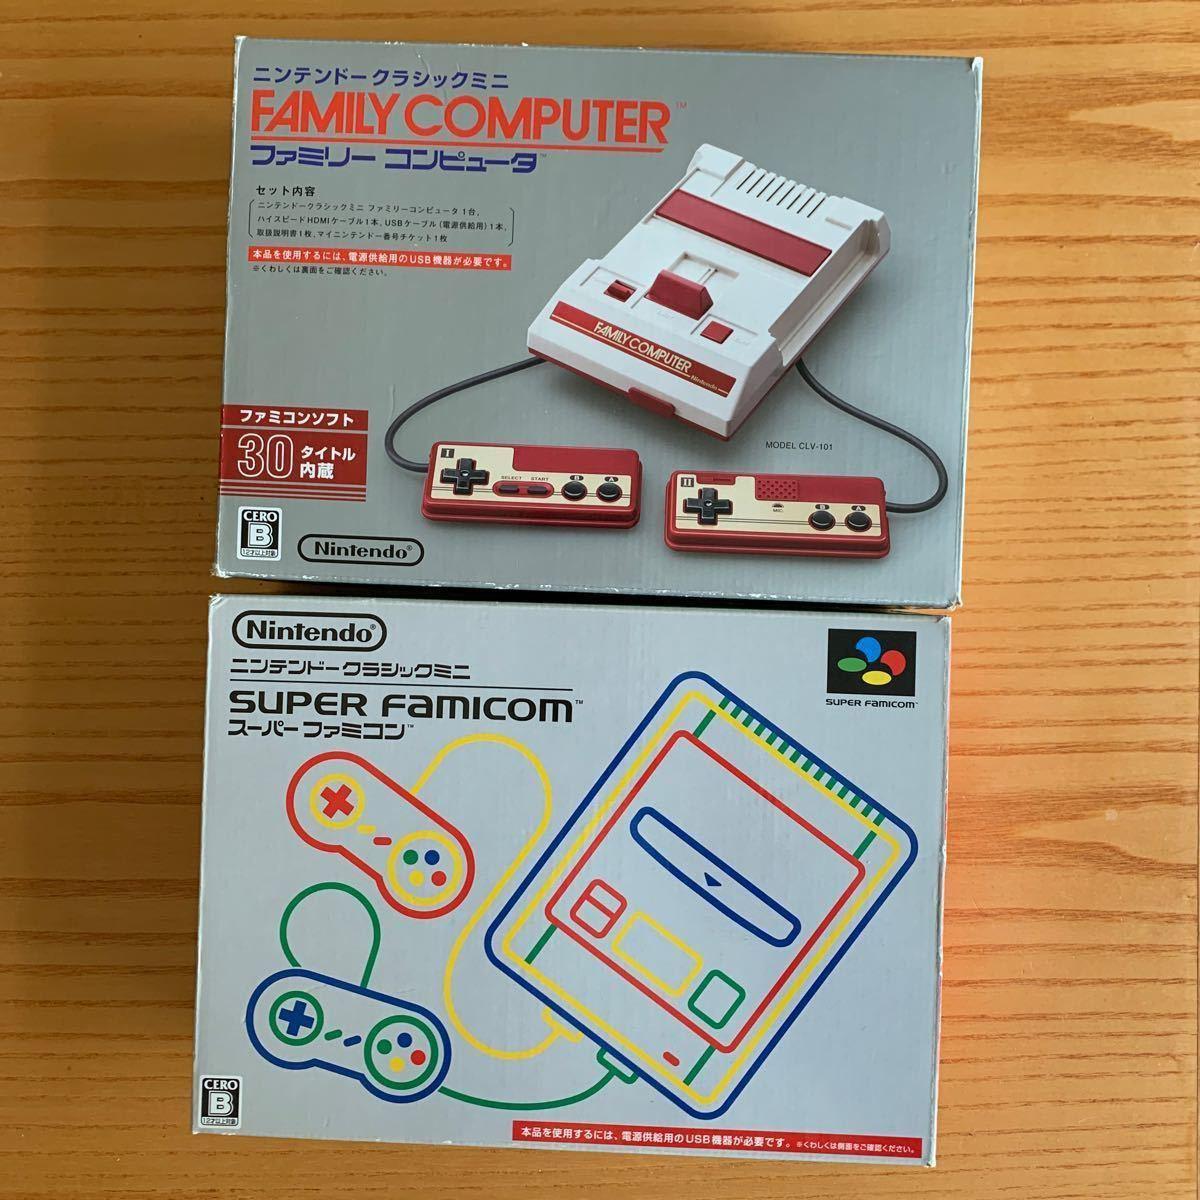 ニンテンドークラシックミニ ファミコン&スーパーファミコン